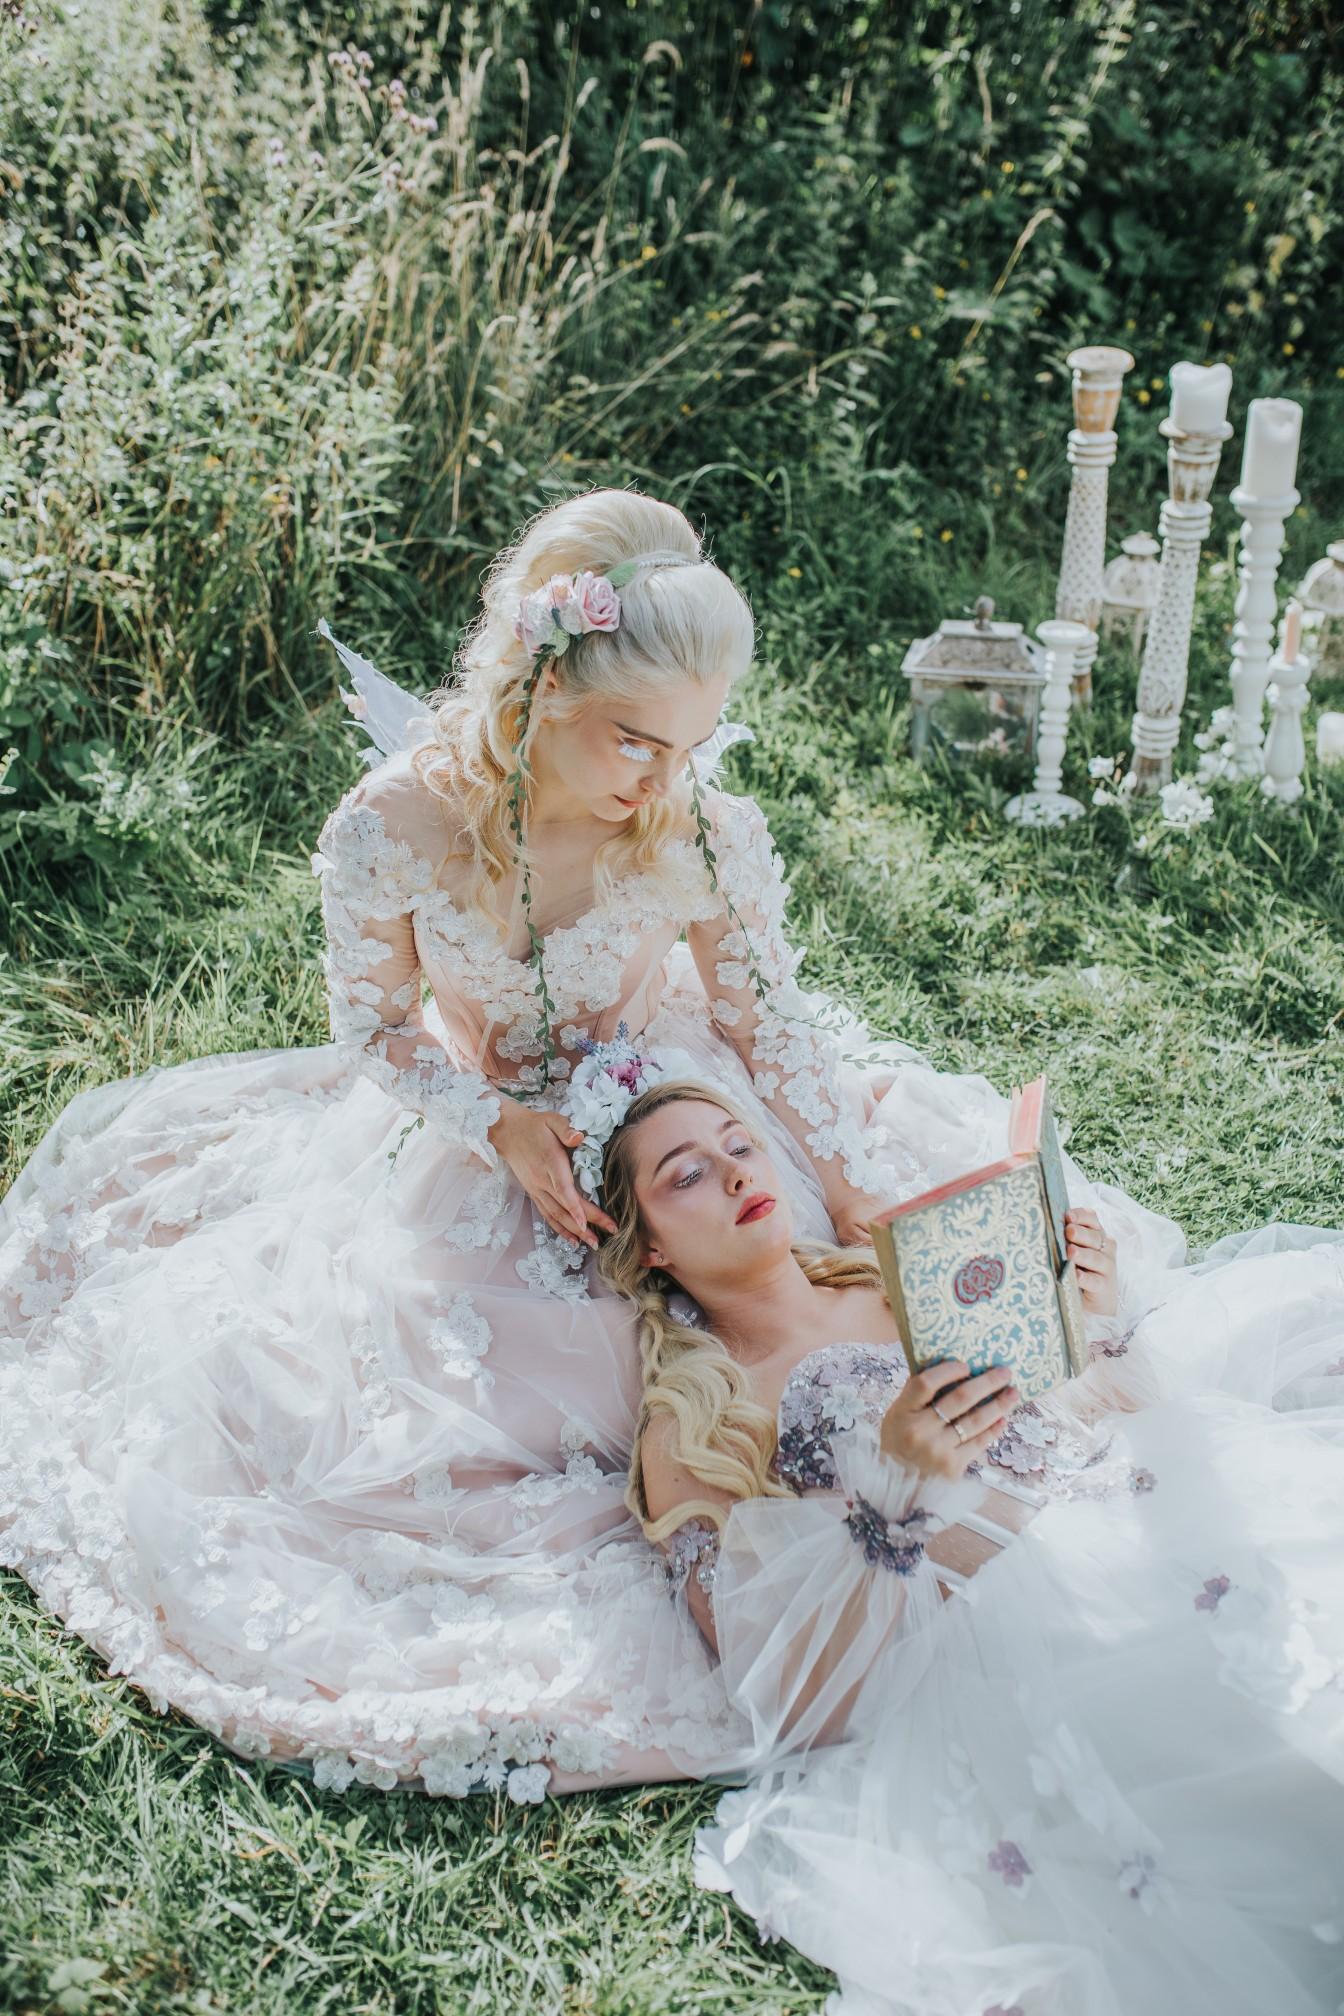 fairy wedding - whimsical wedding - magical wedding - elegant wedding dress - two brides sitting on grass